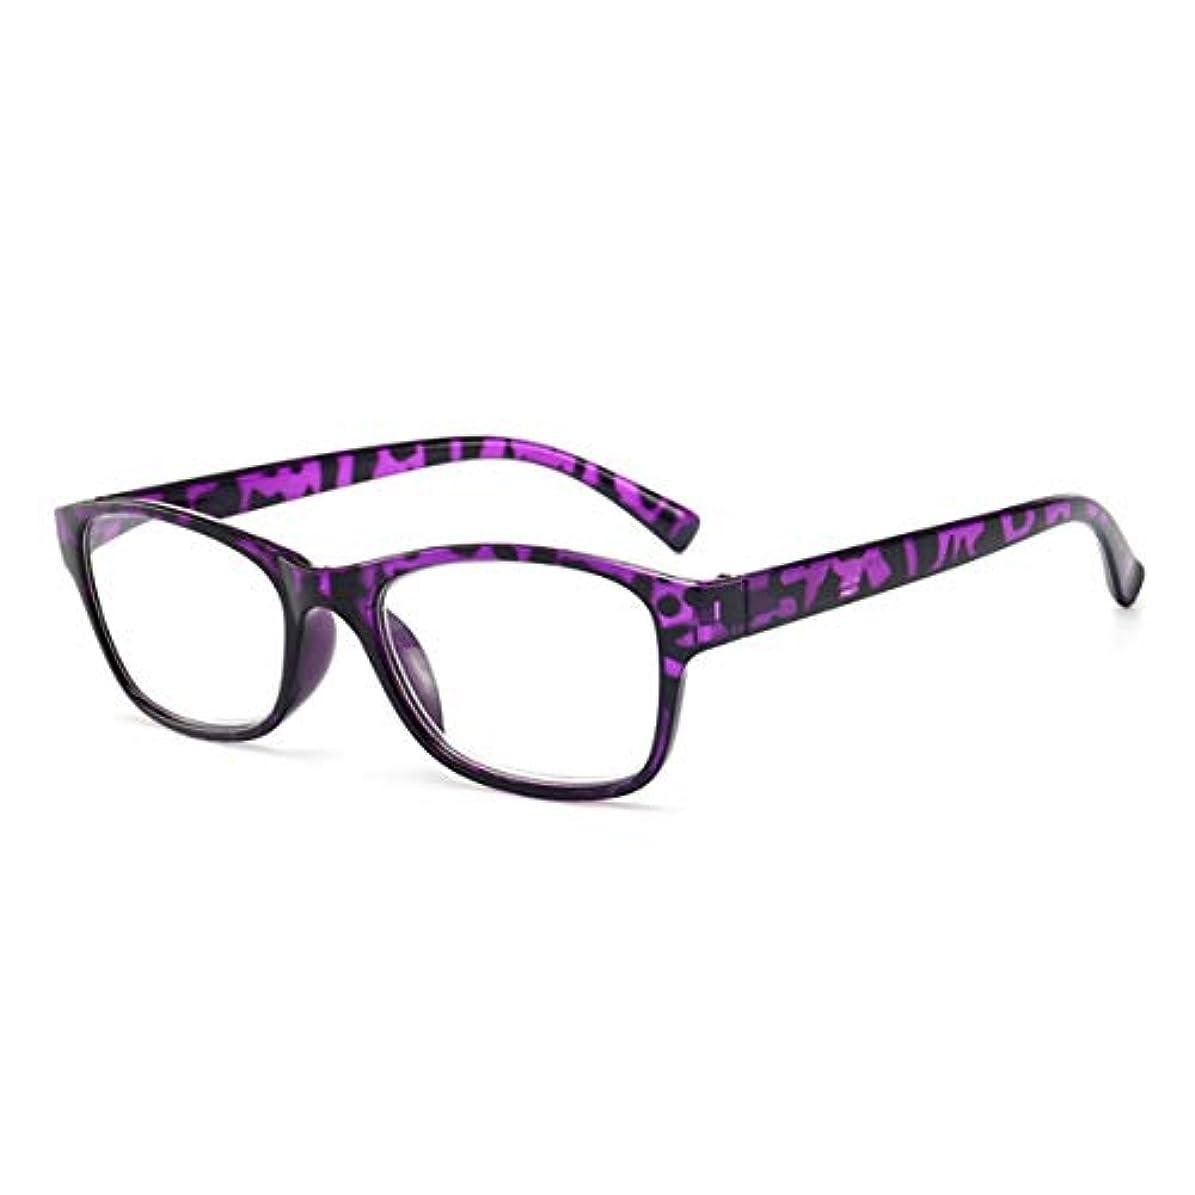 従来のベテラン雪Intercorey T18162老眼鏡視度+1.0から+4.0女性男性フルフレームラウンドレンズ老眼メガネ超軽量抗疲労